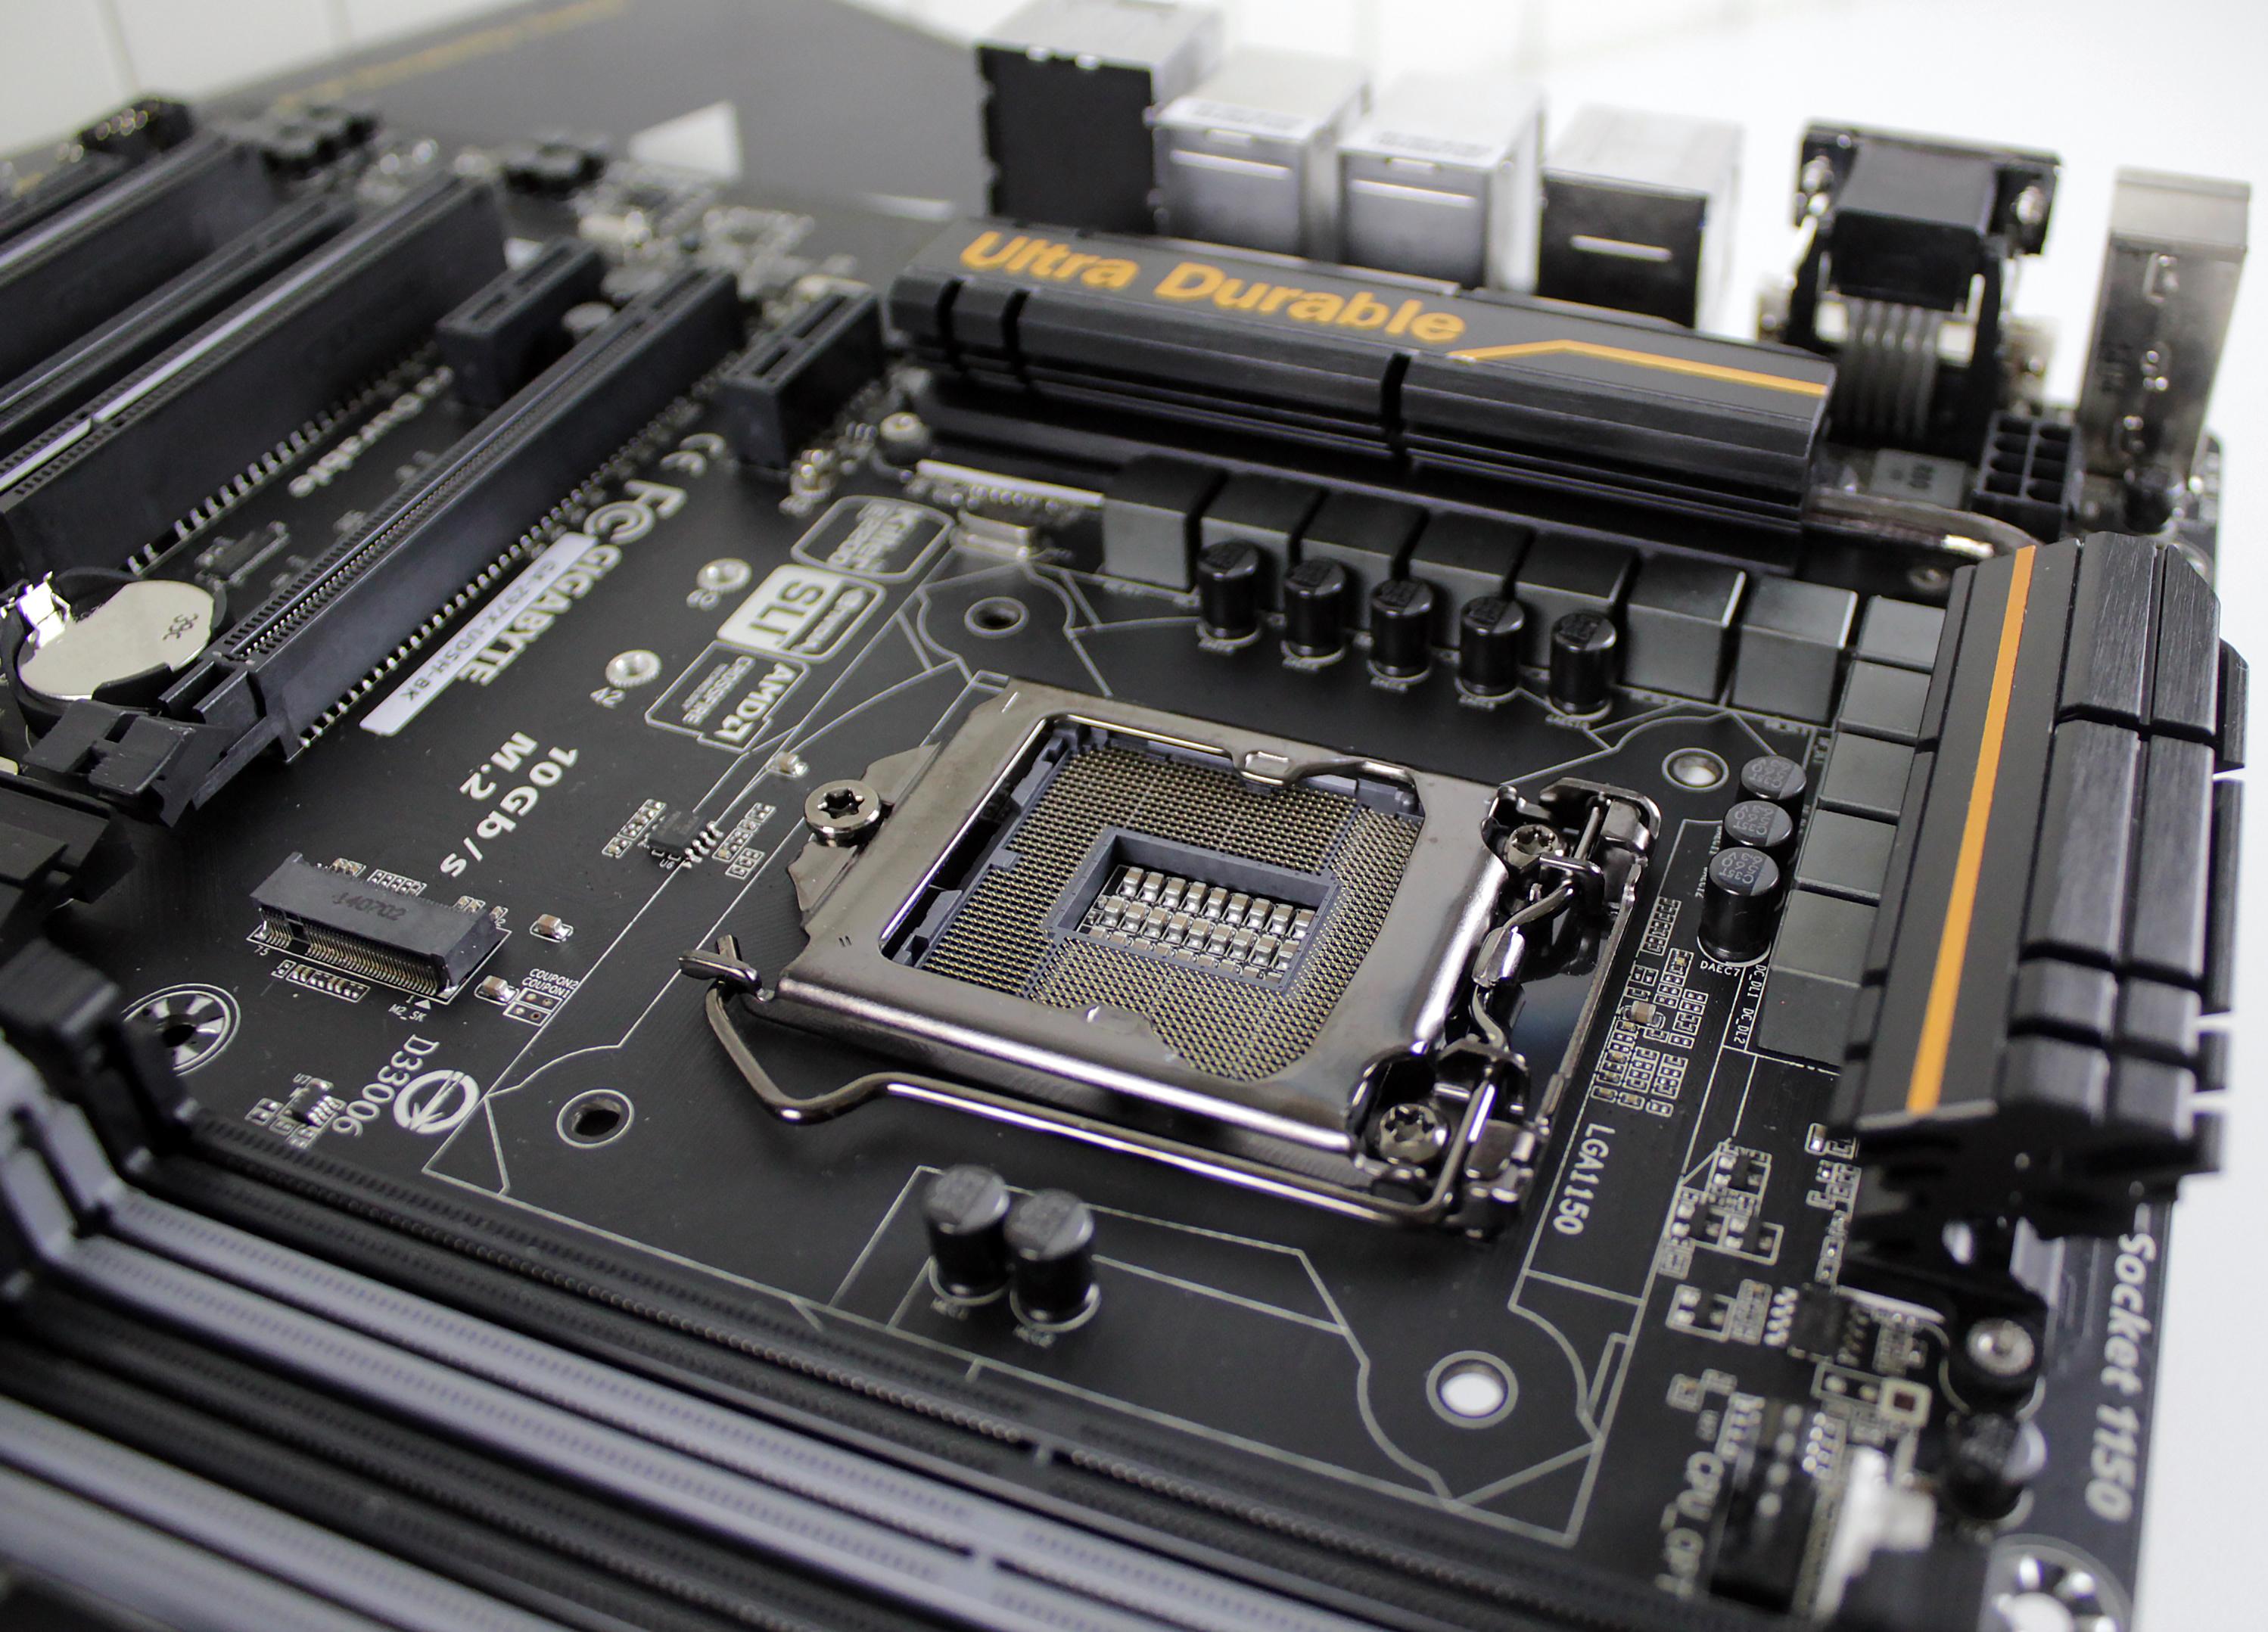 Gigabyte Z97X-UD5H-BK Black Edition reviewed